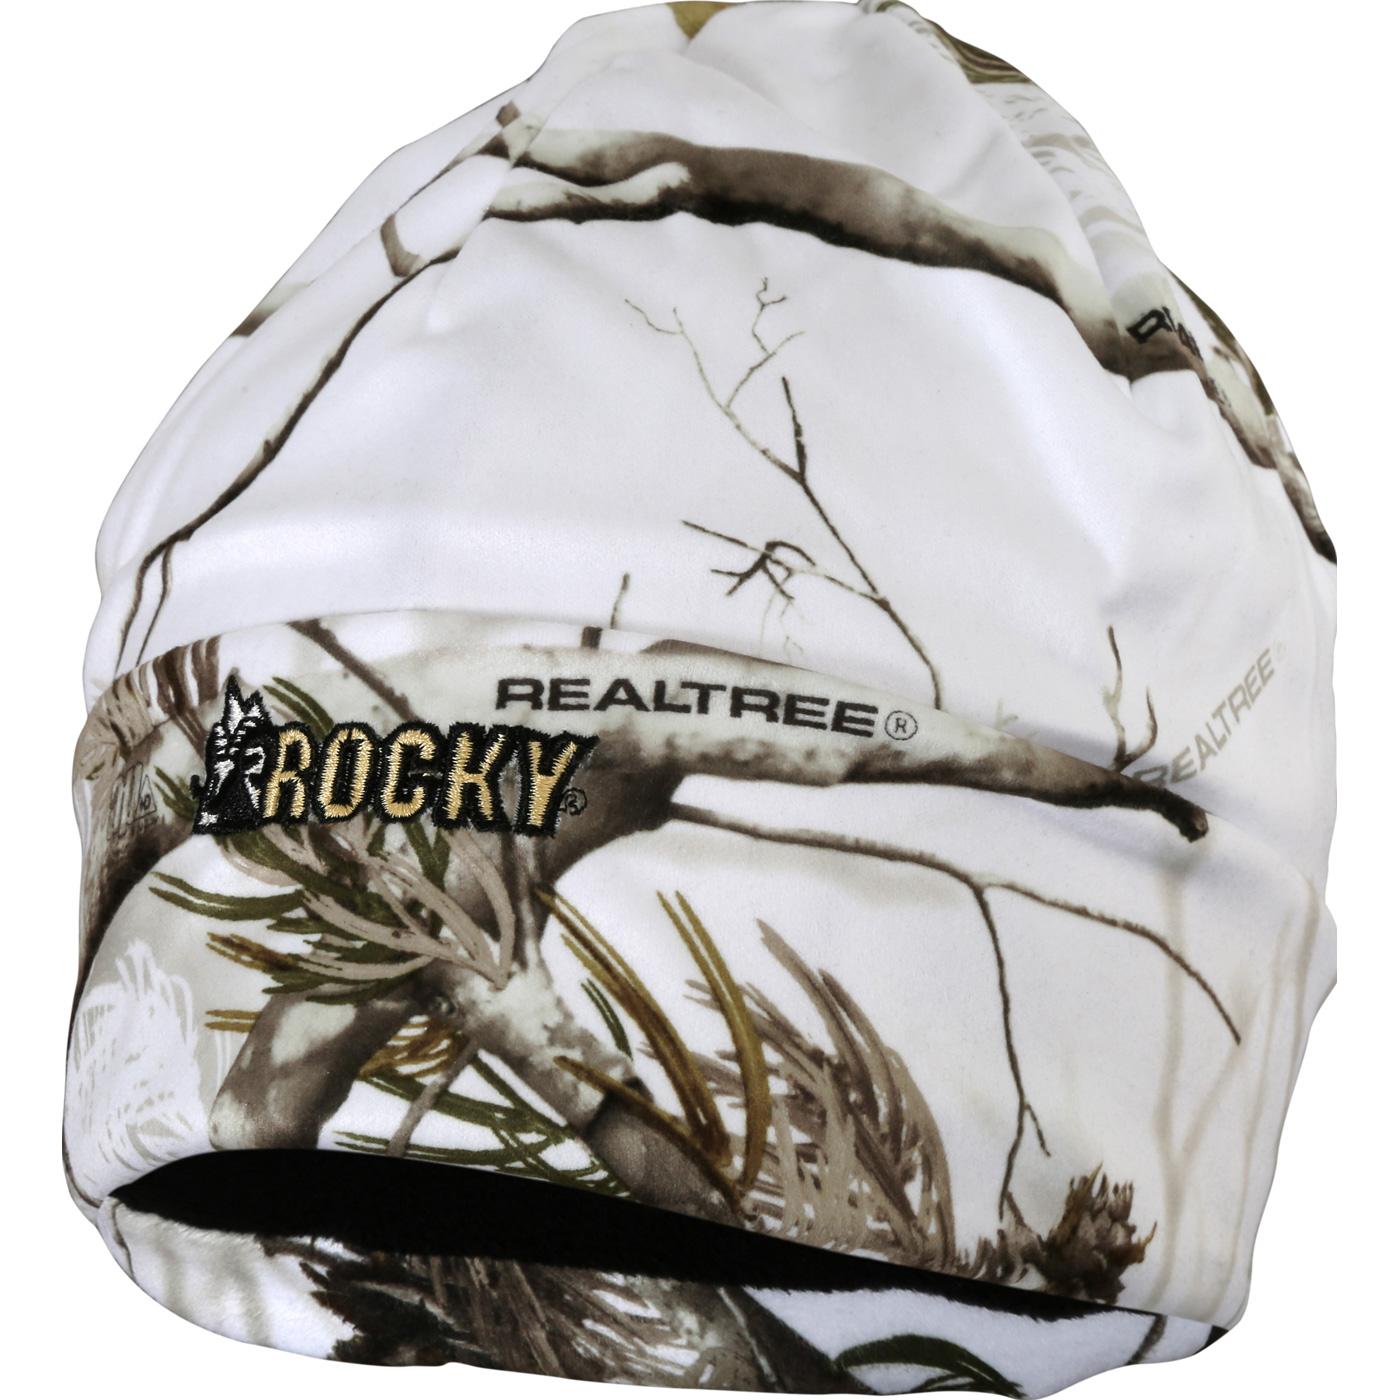 adb1f3d6ca19a Rocky ProHunter 40G Insulated Cuff HatRocky ProHunter 40G Insulated Cuff Hat